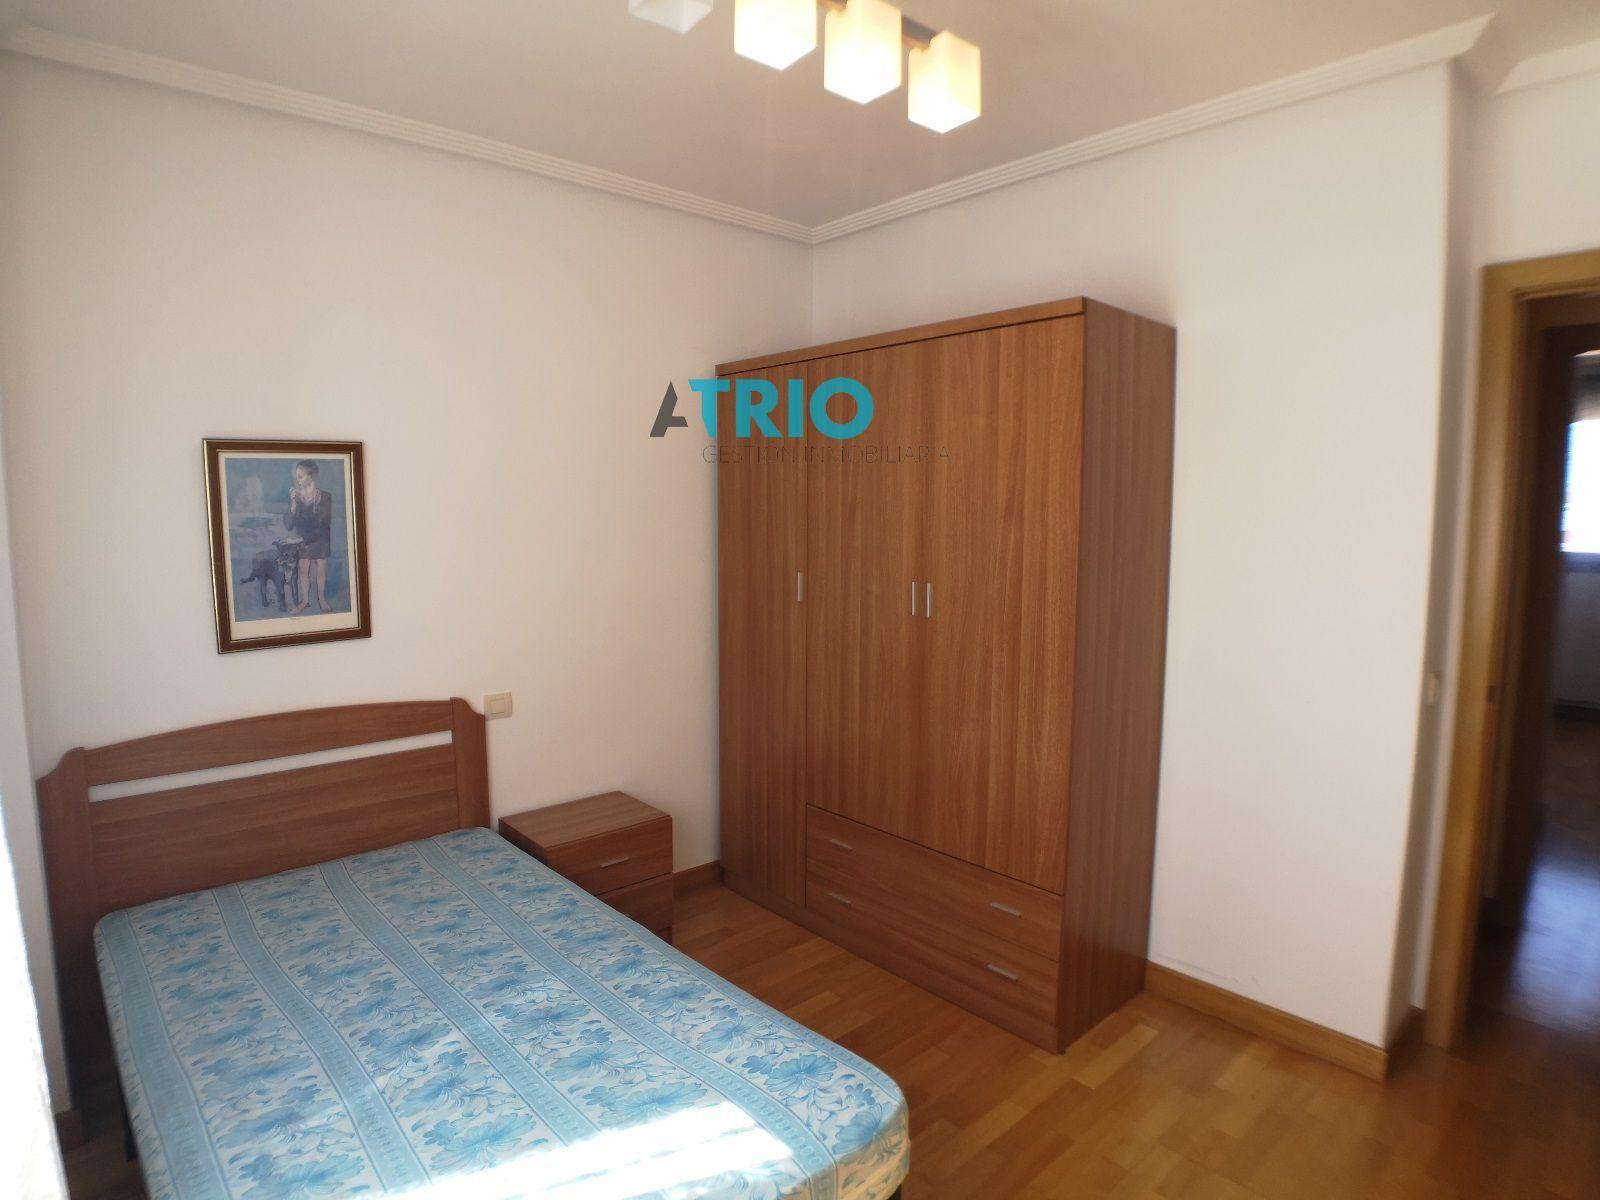 dia.mobiliagestion.es/Portals/inmoatrio/Images/5998/4898284